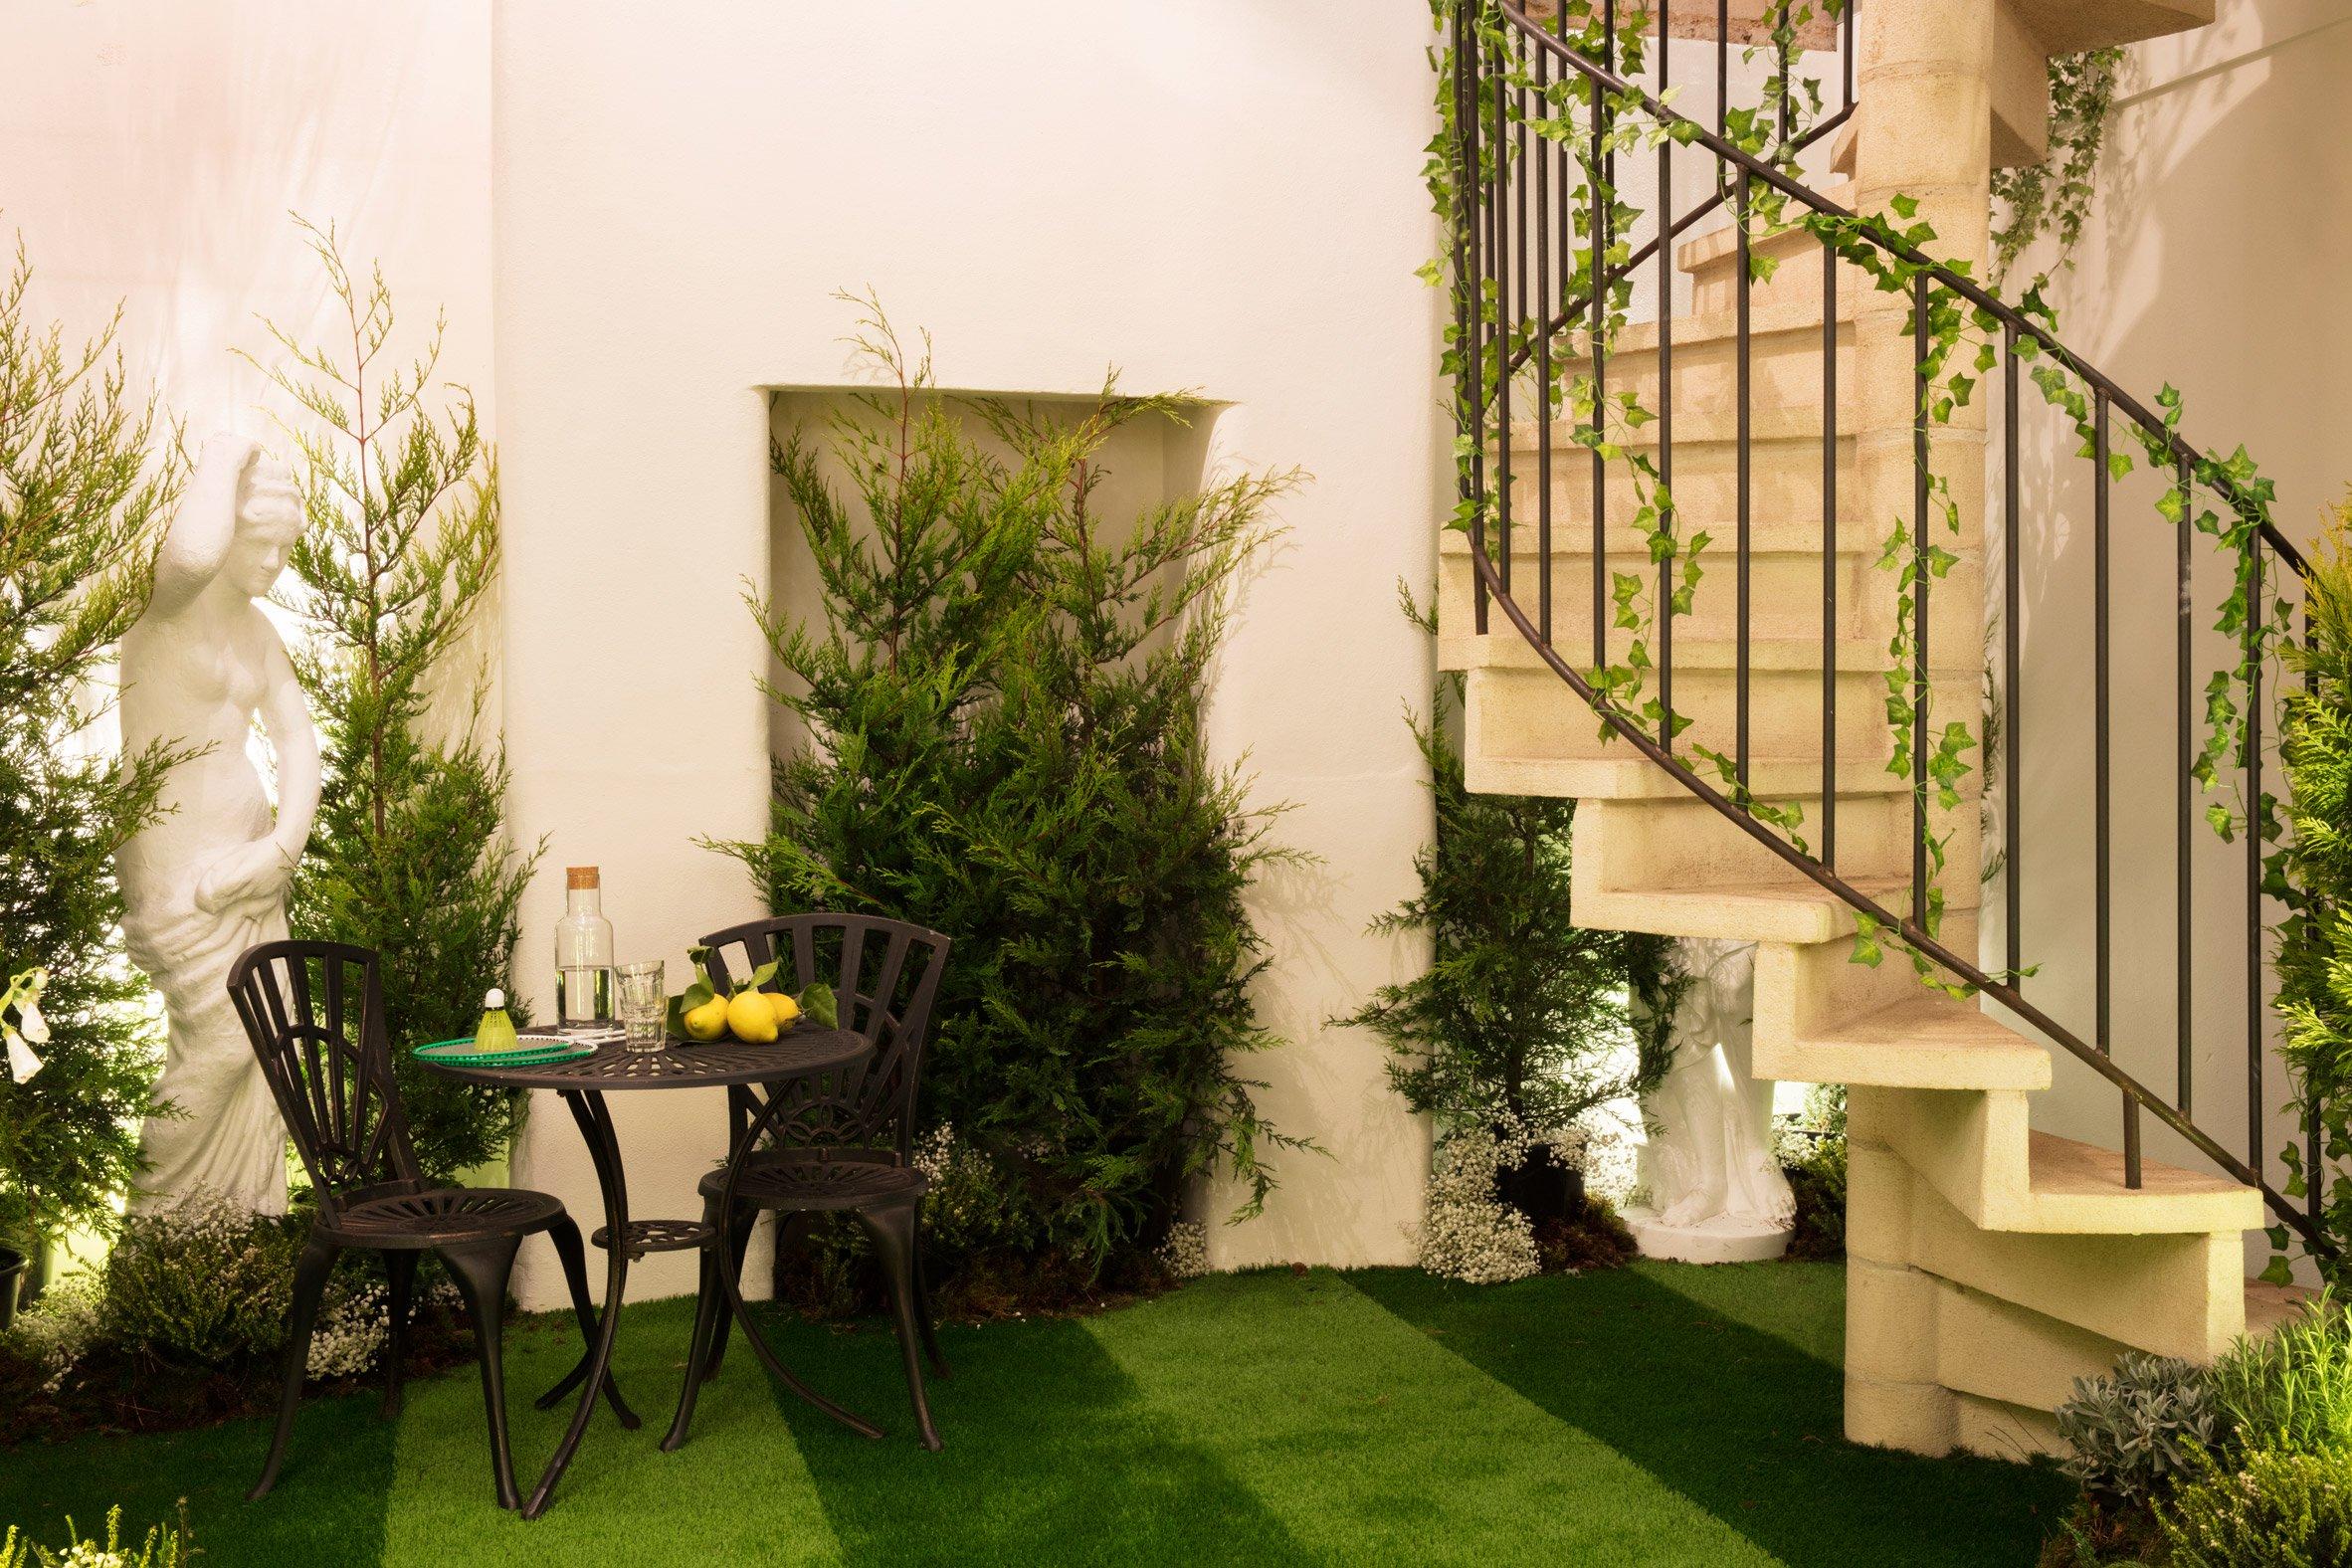 Bárki kibérelheti Airbnb-n a Pantone zöldben úszó lakását